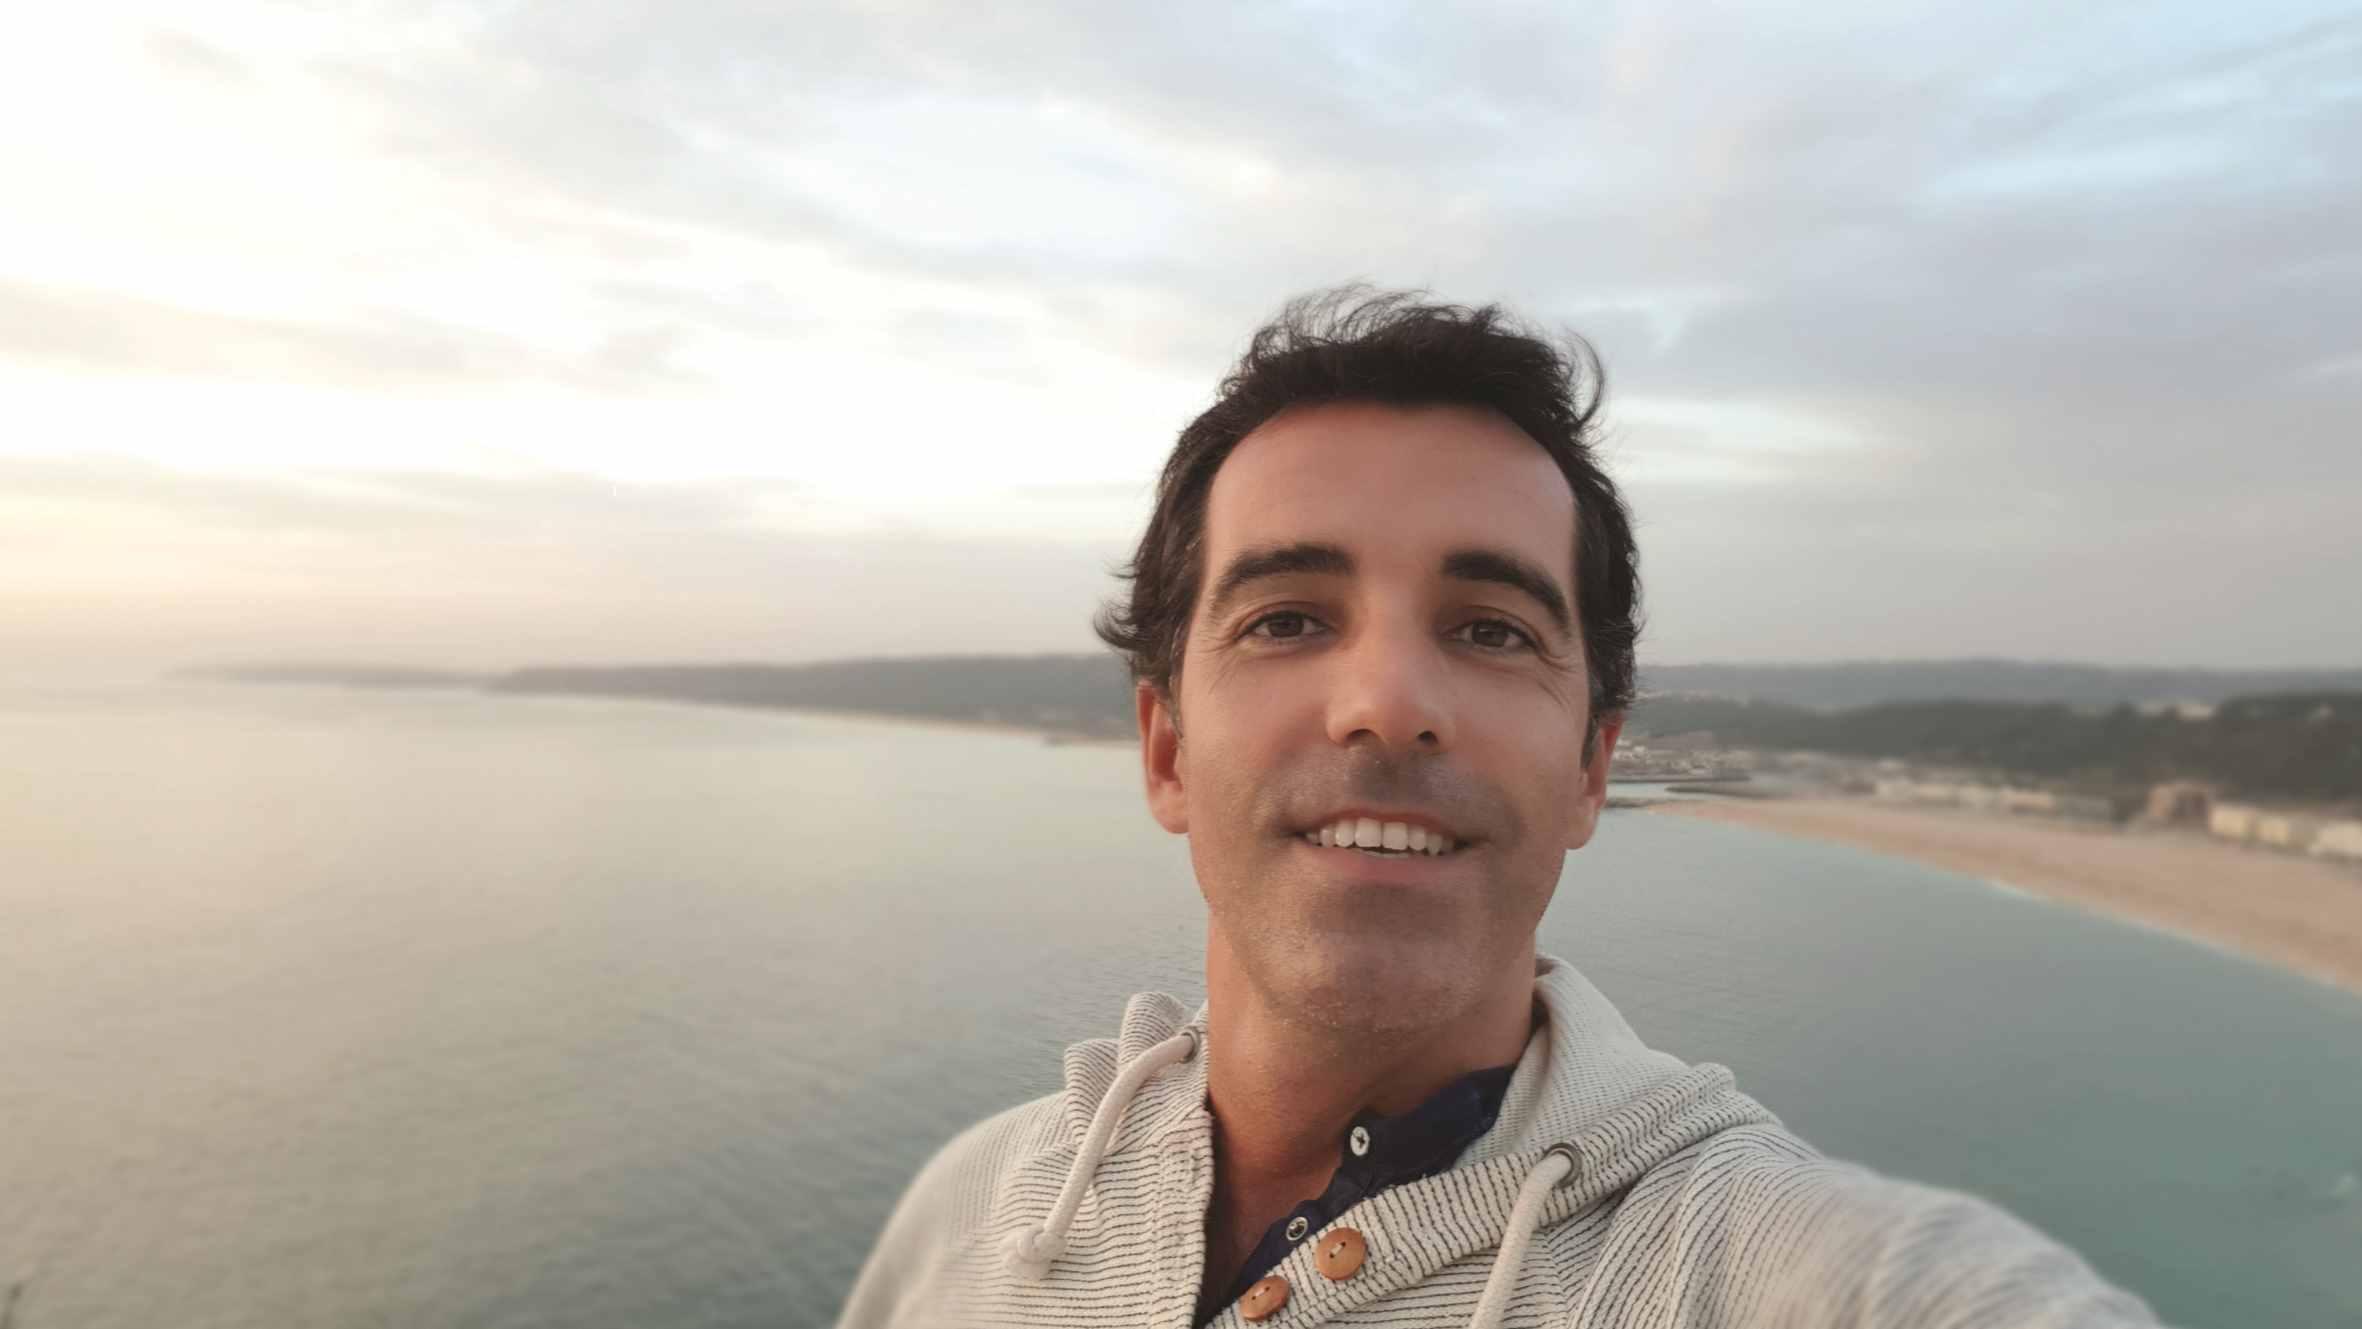 Francisco Salgueiro